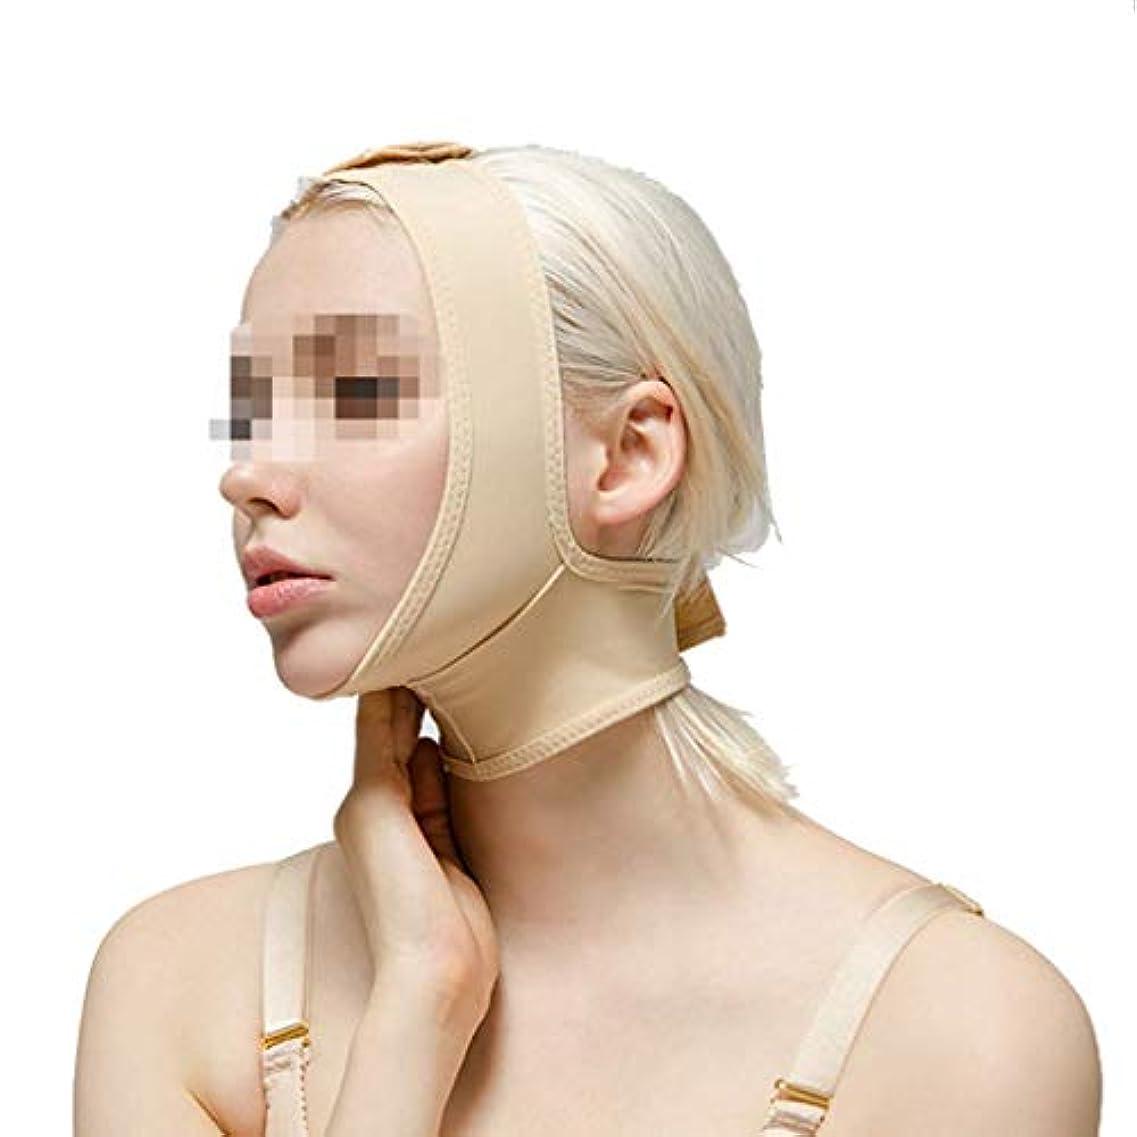 キャロライン穏やかな露出度の高い術後伸縮性スリーブ、下顎束フェイスバンデージフェイシャルビームダブルチンシンフェイスマスクマルチサイズオプション(サイズ:L),ザ?